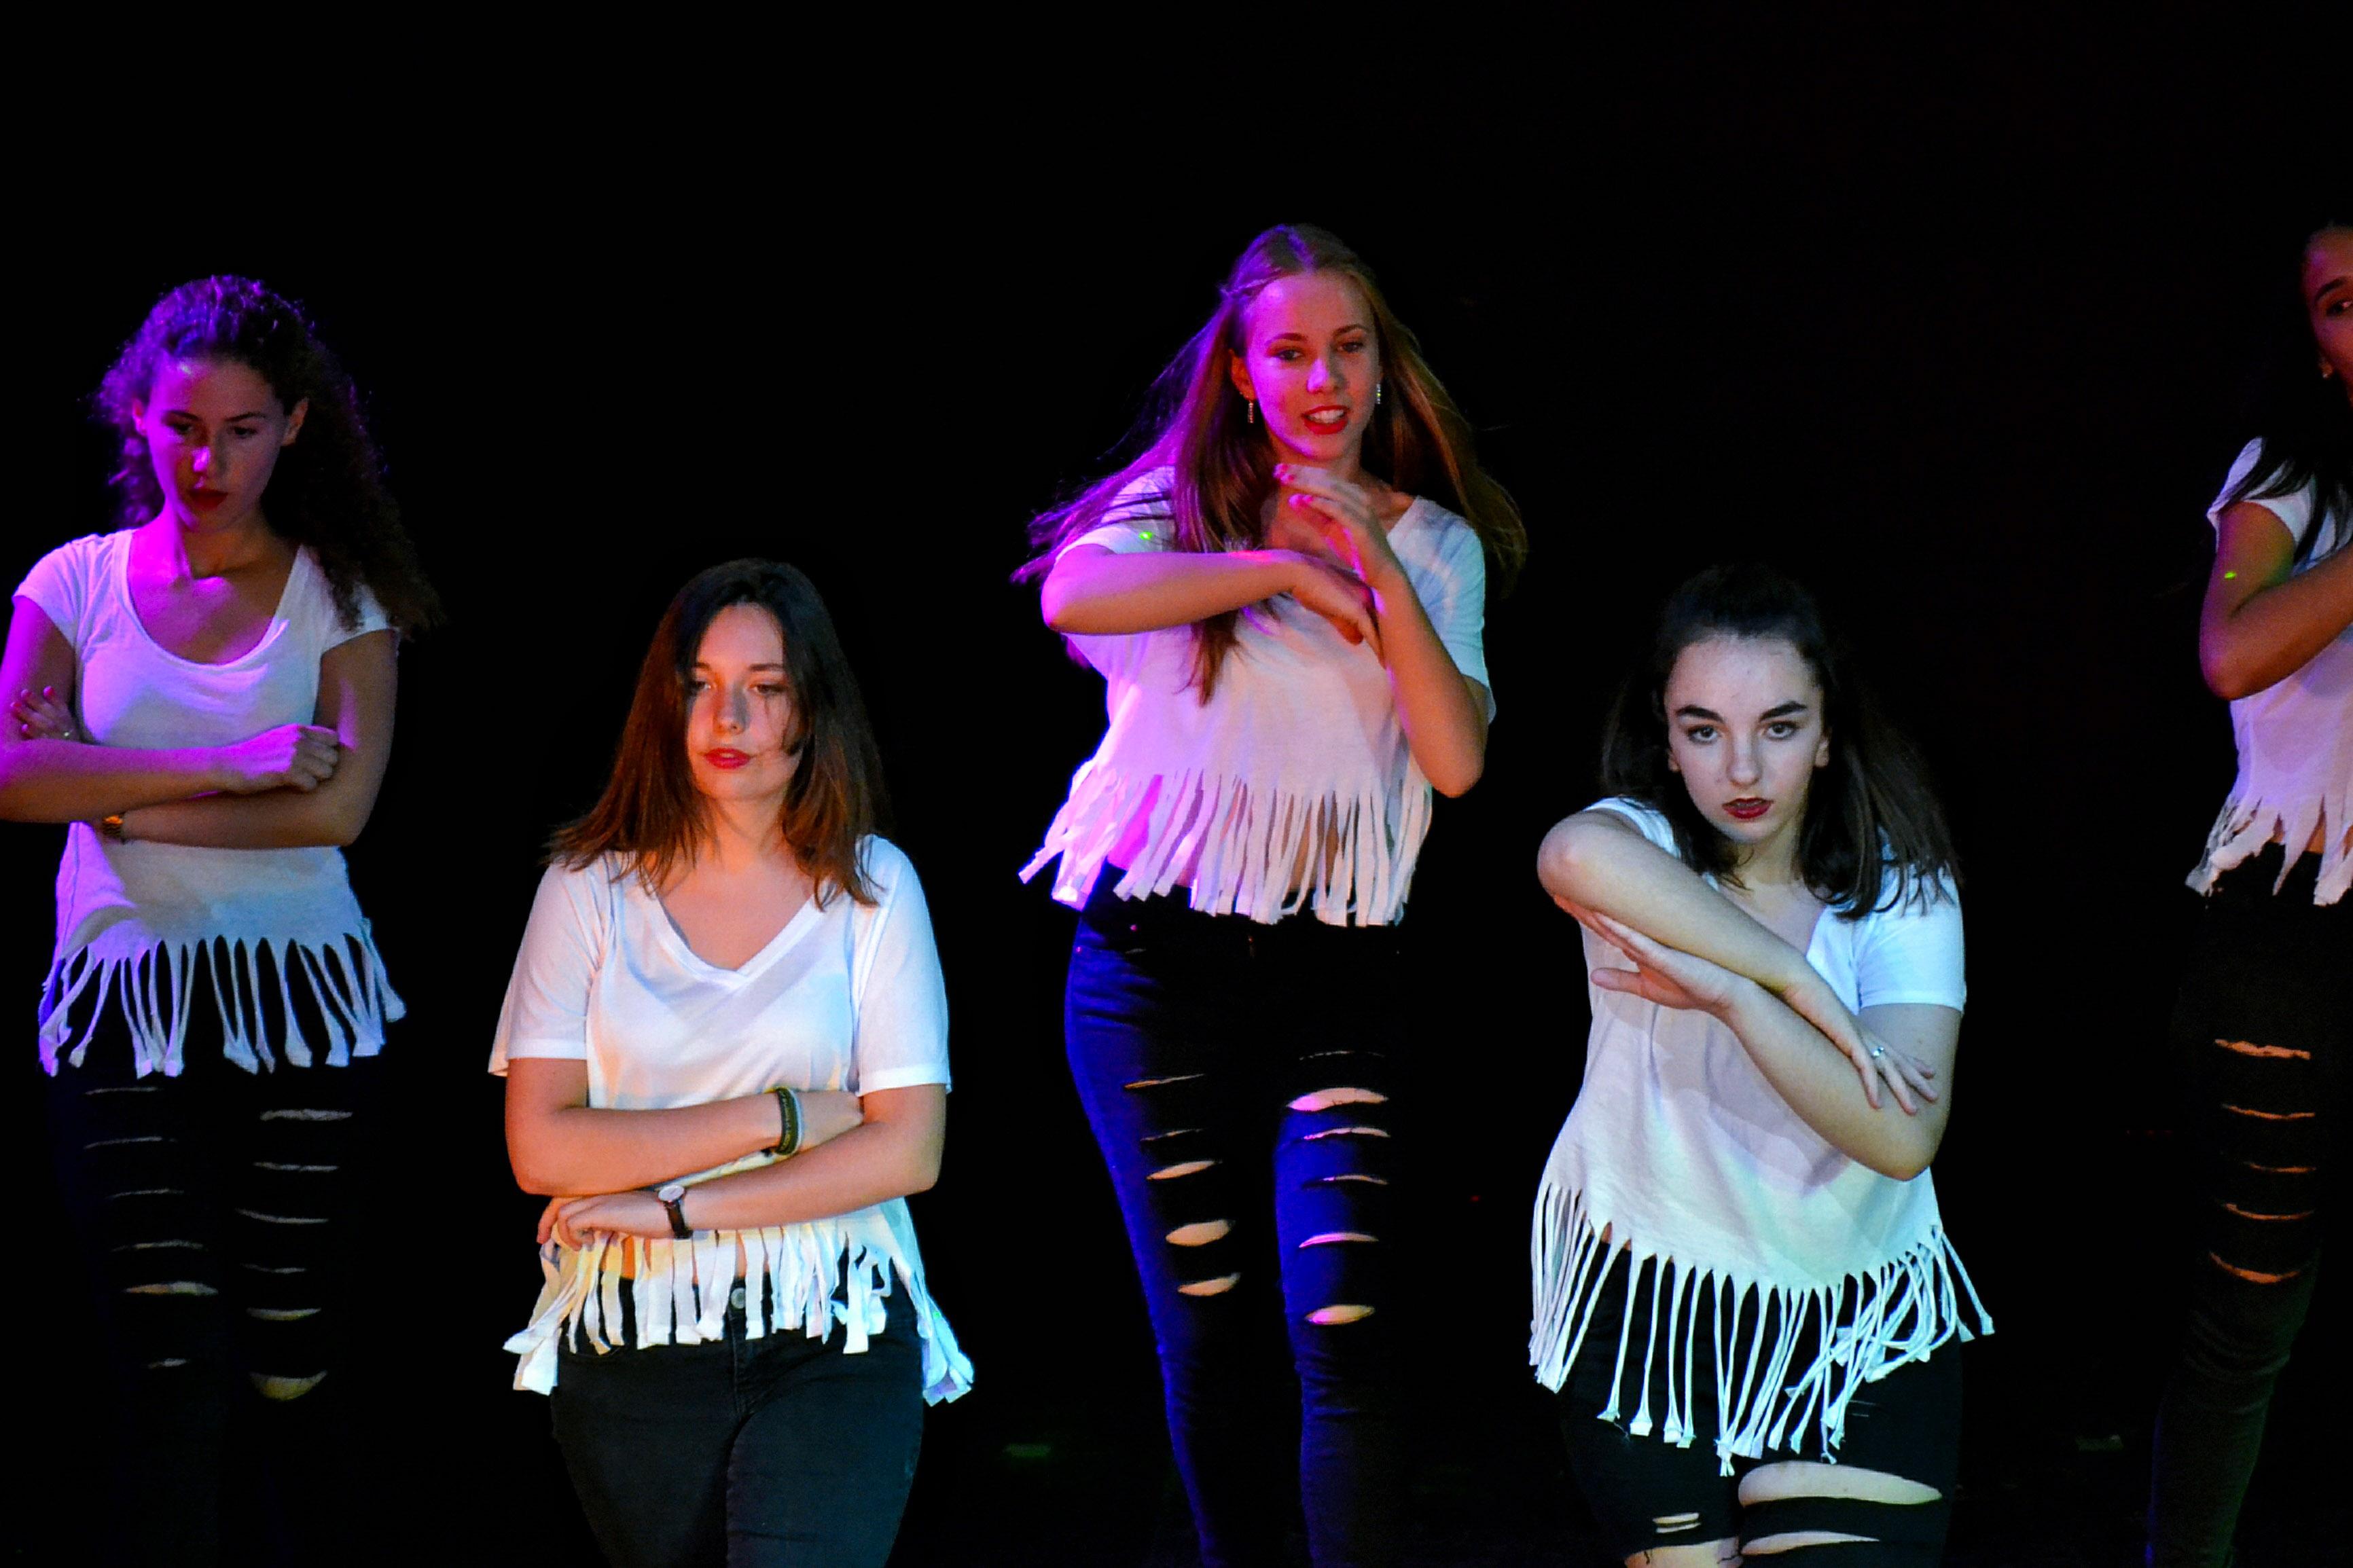 Linea-de-Baile-festival-verano-2015-clases-de-baile-valencia-147